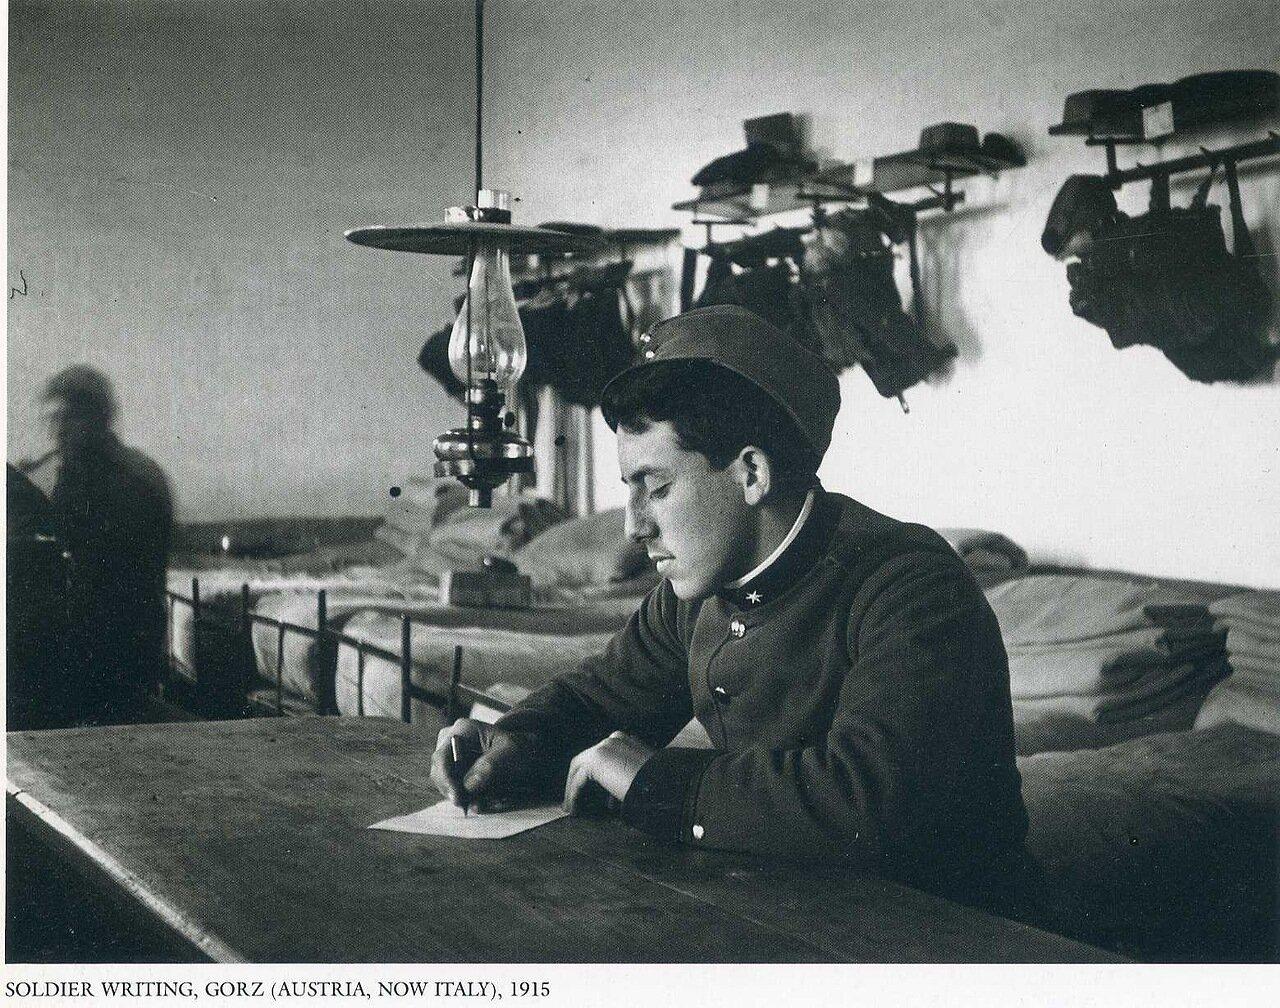 Солдат пишет. Горз, Австрия. 1915